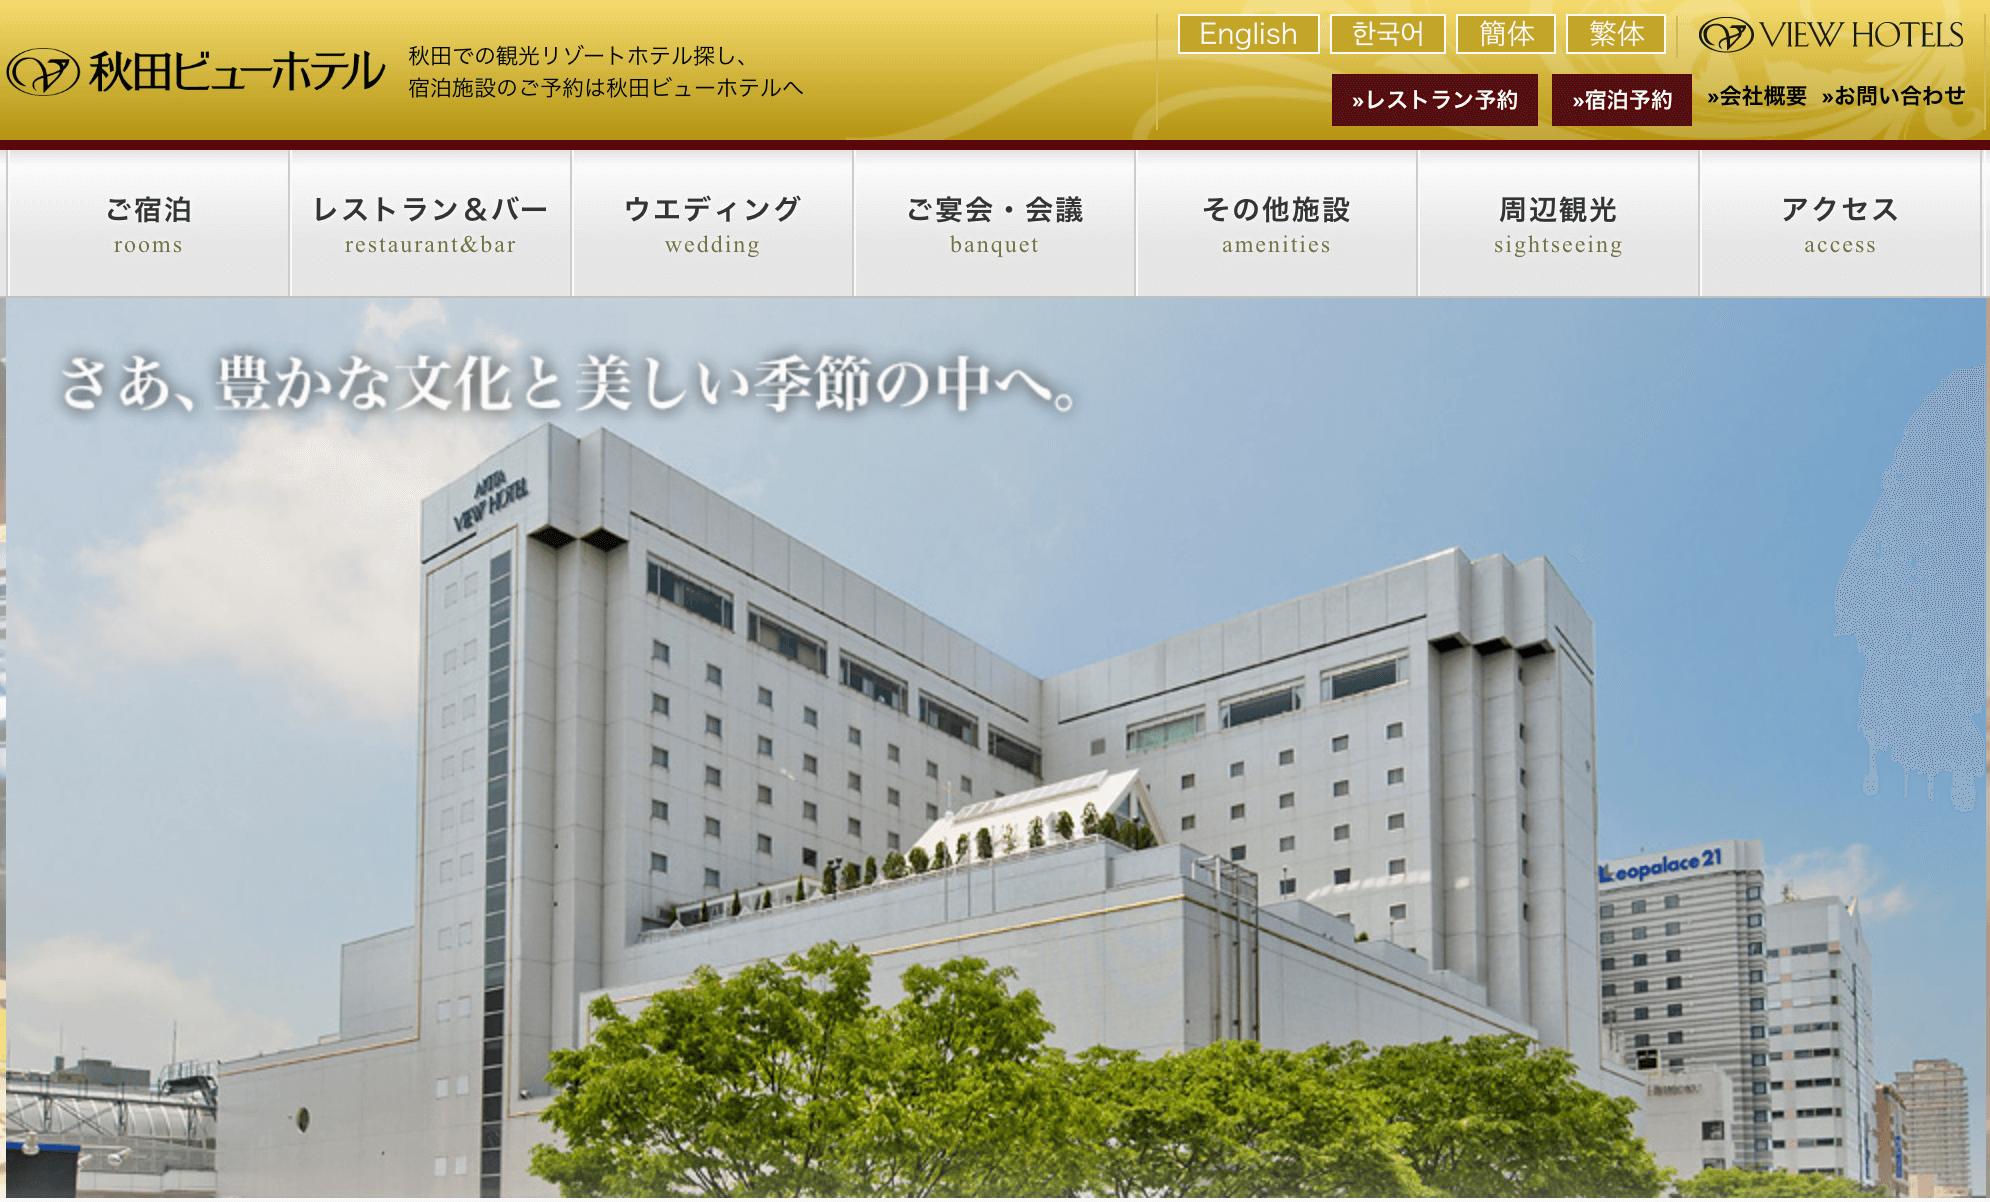 秋田でパパ活におすすめなホテル「秋田ビューホテル」